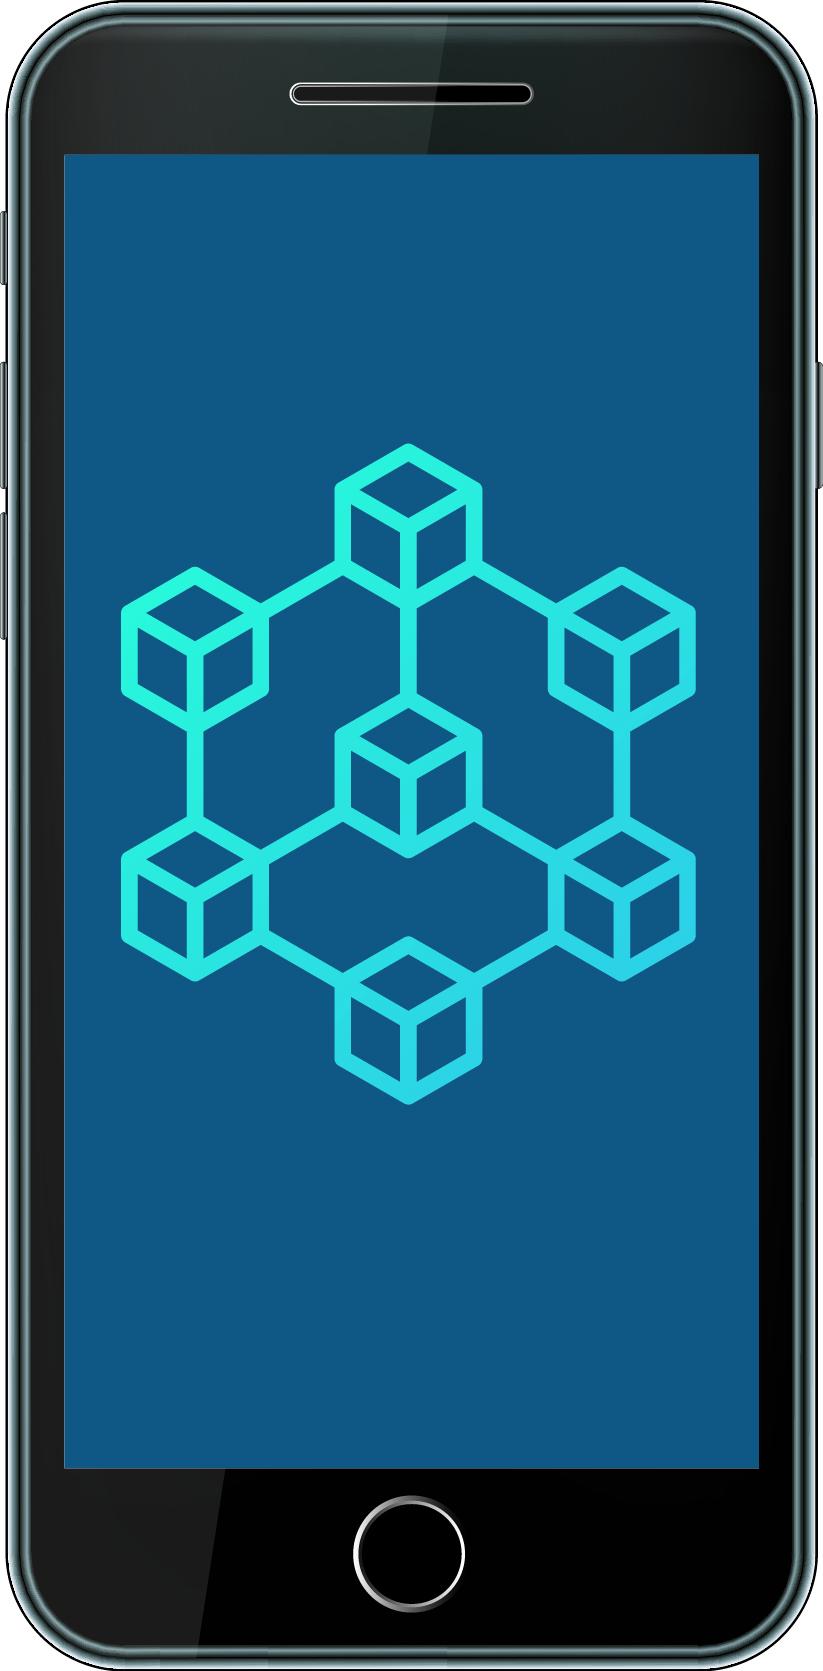 Ideanomics, Blockchain Graphic